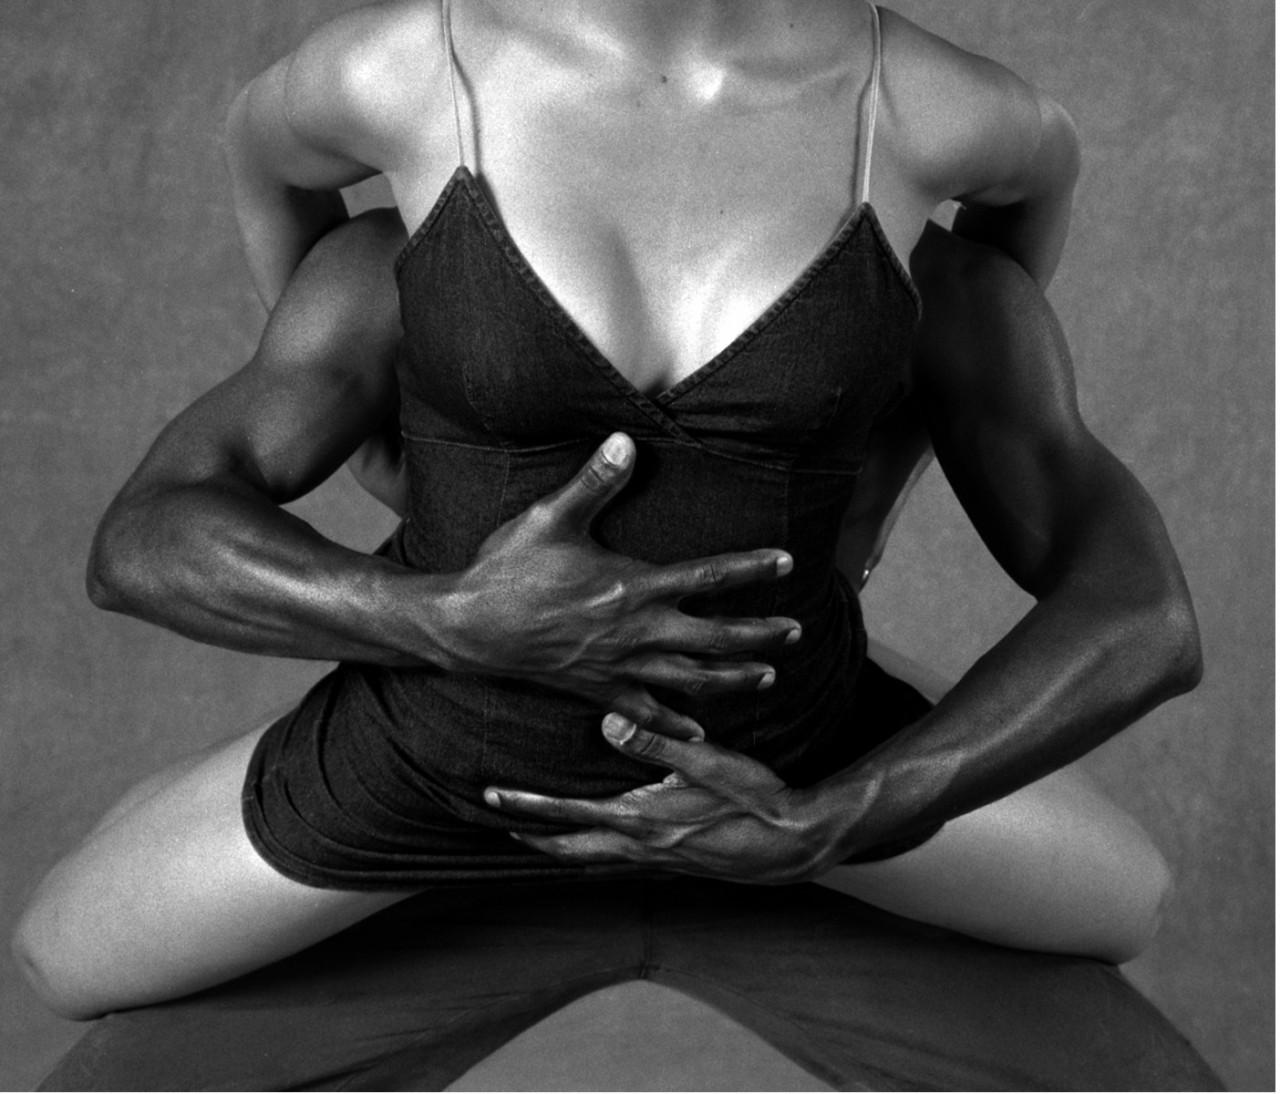 Из фотопроекта «Кубинский танец, 1995». Автор Изабель Муньос (7)